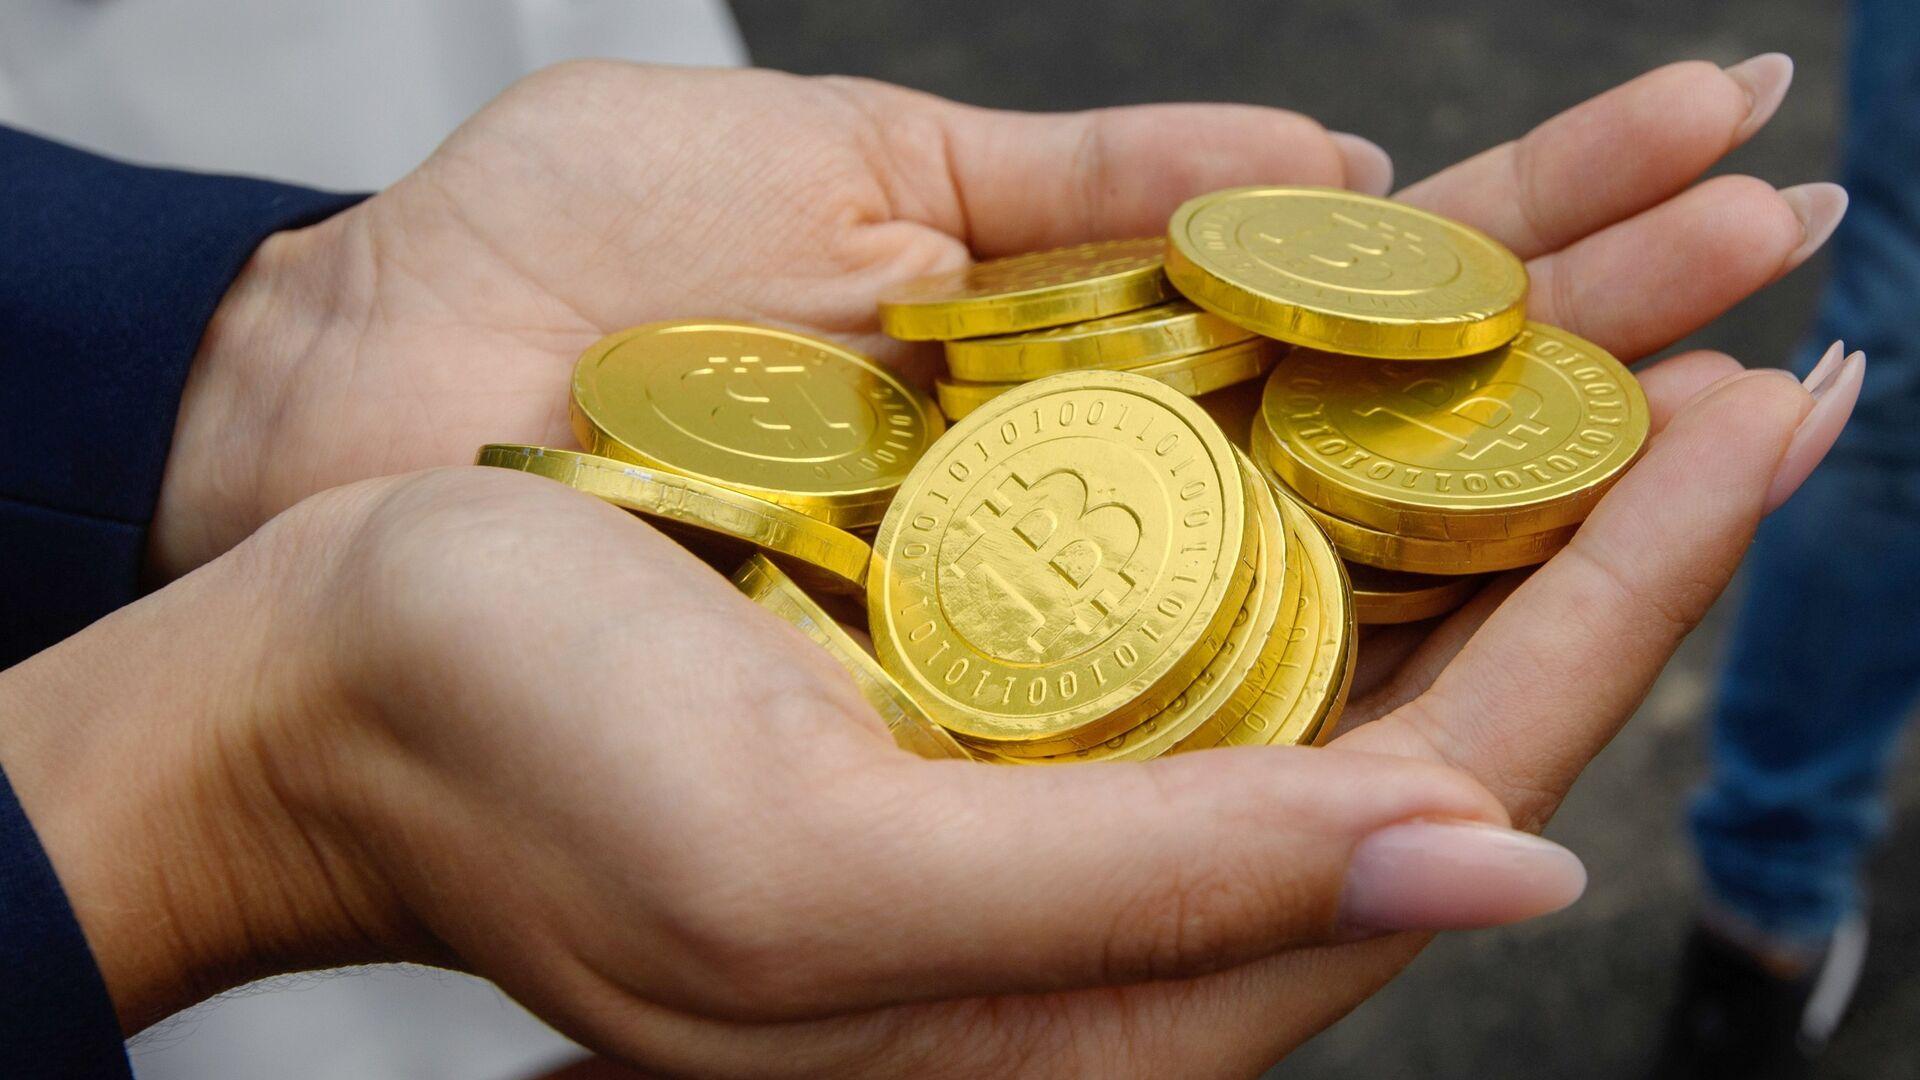 Банк России объяснил, чем цифровой рубль отличается от криптовалюты